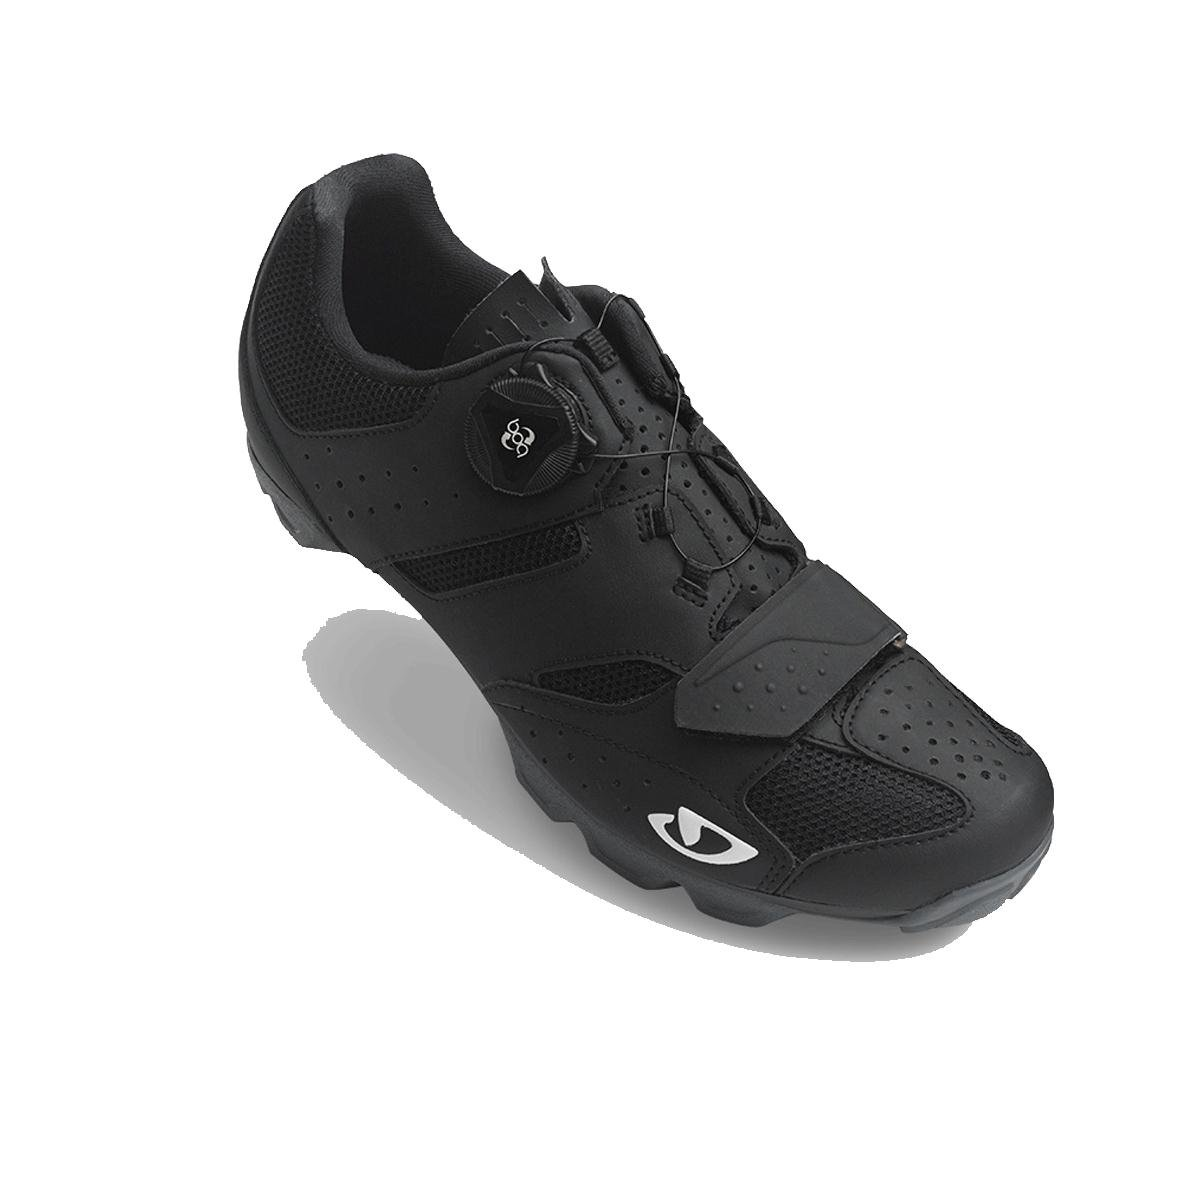 Noir (noir 000) Giro Cylinder MTB, Chaussures de VTT Femme 36.5 EU